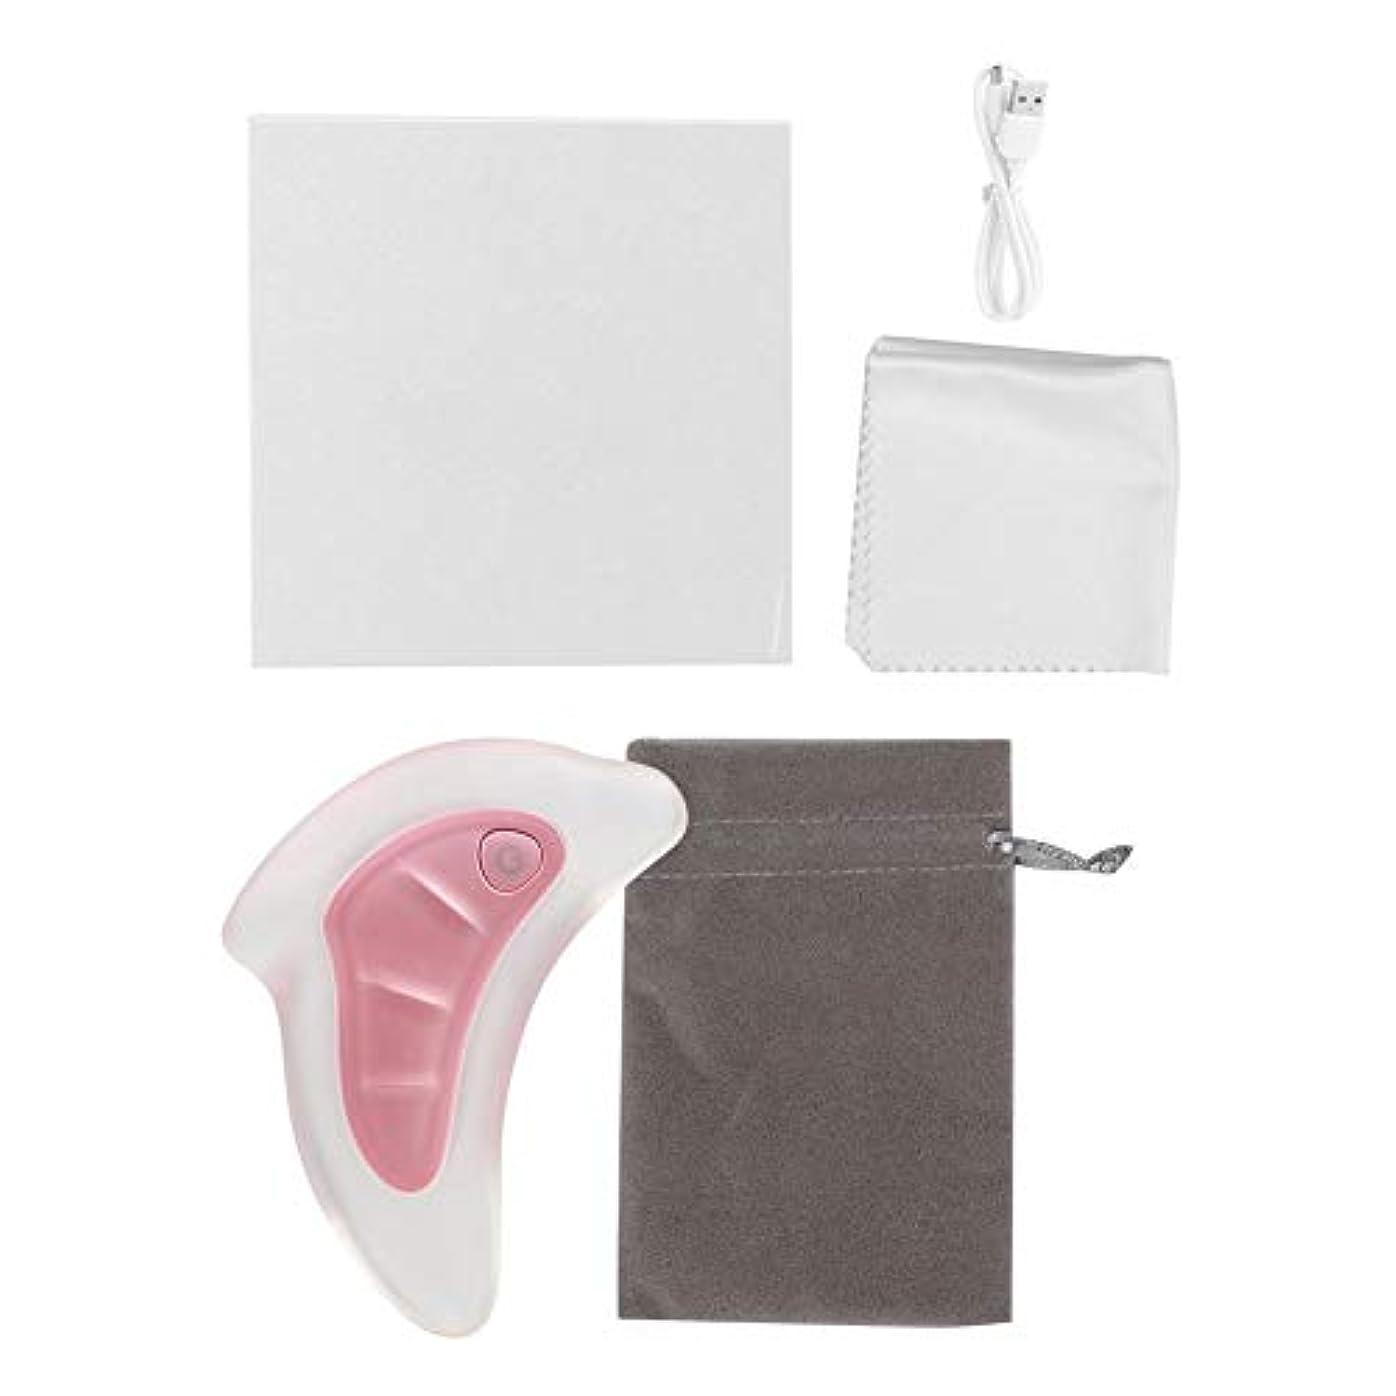 代替フォアタイプコスチューム2色スクレーピングマッサージャー - フェイスリフティングスクレーパー、グアシャツール - アンチエイジング、アンチリンクルマッサージ&フェイシャルグアシャ、カラフルなライトを廃棄するための楽器(ピンク)